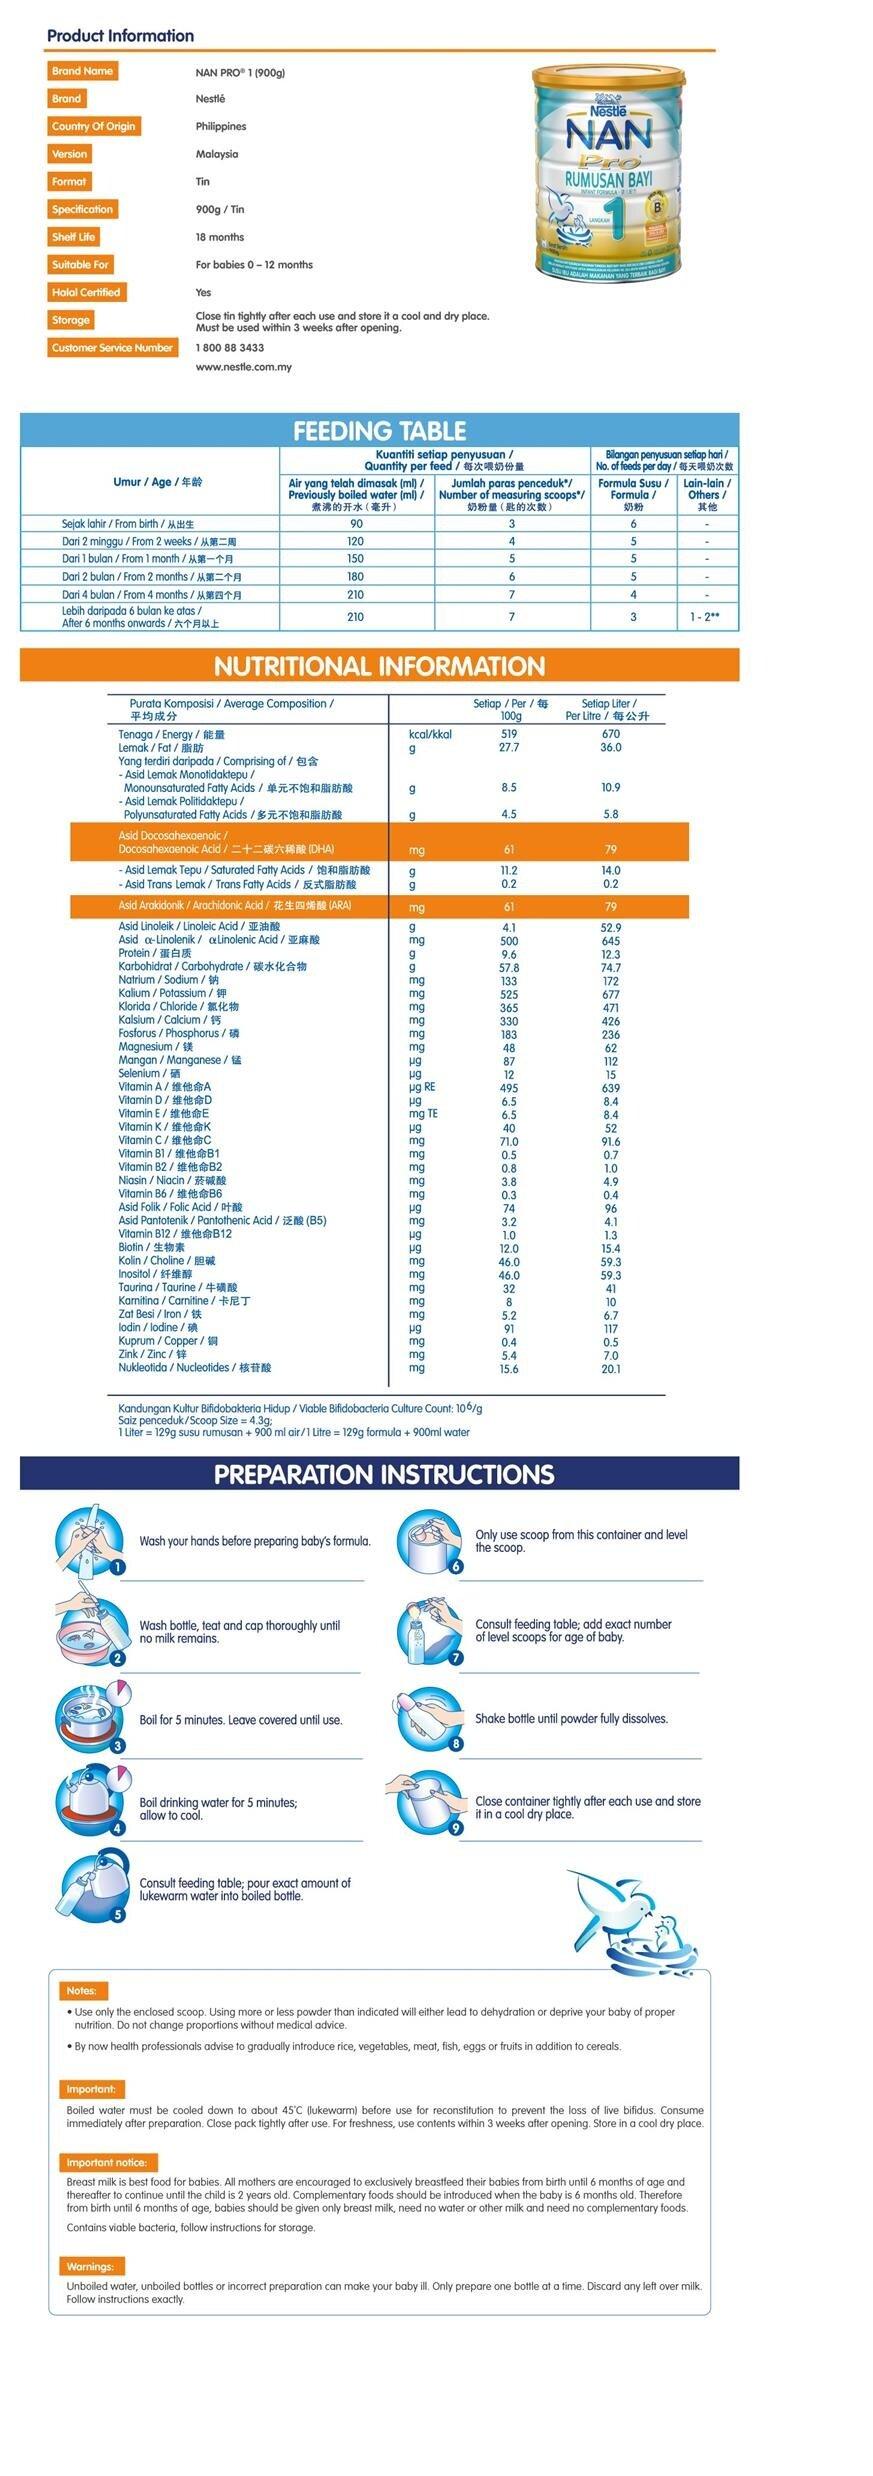 NAN PRO 1 ( 900g / 2x350g / 350g)